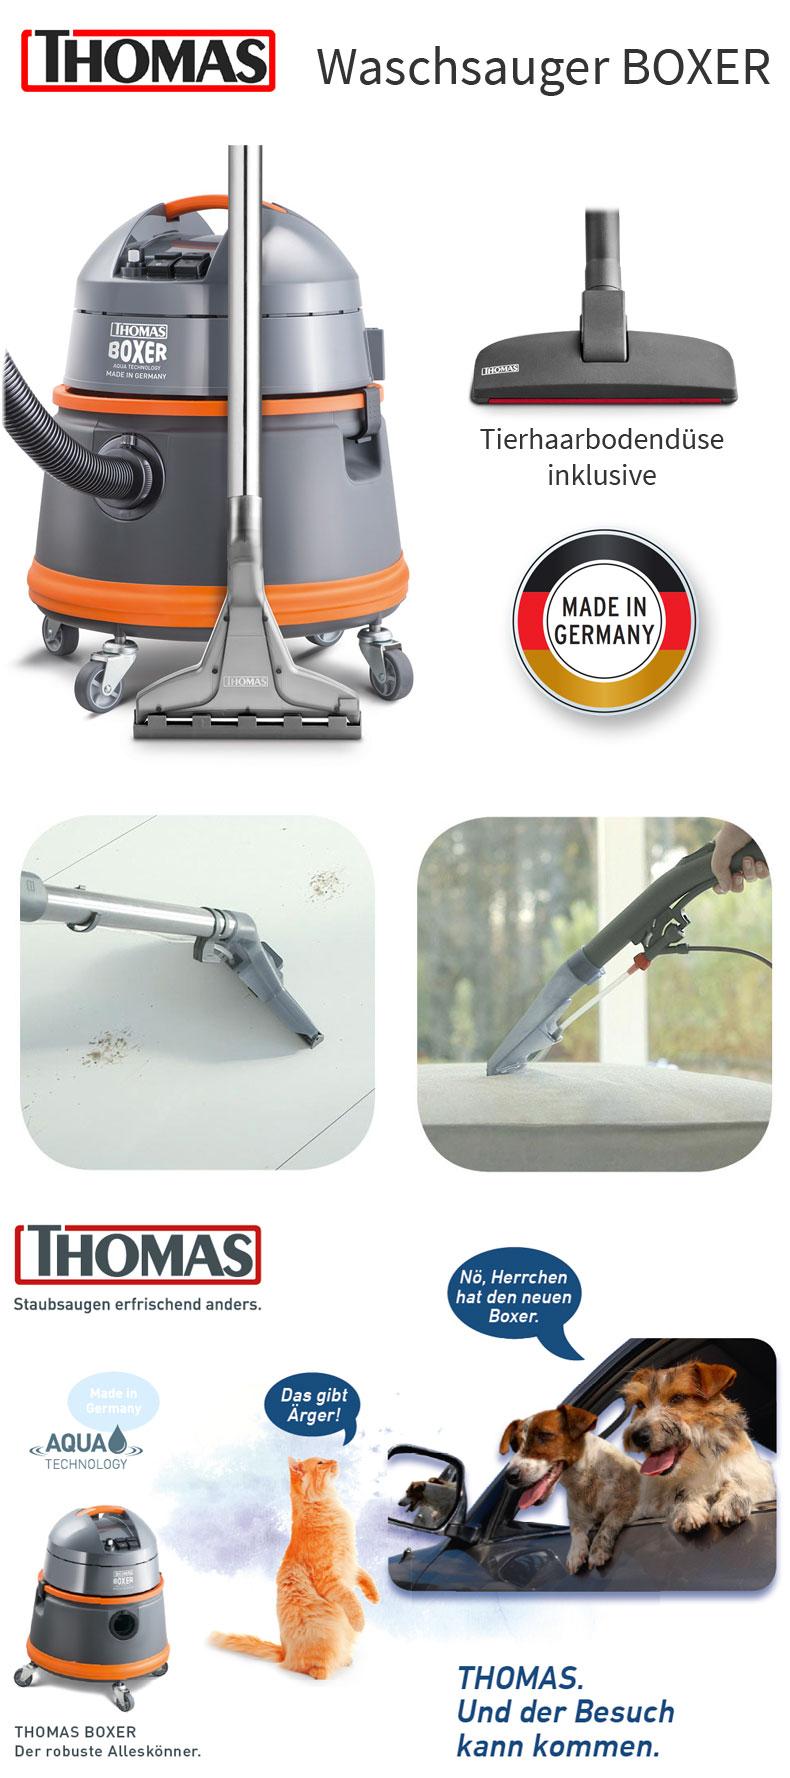 THOMAS Waschsauger SprühExtraktionssauger Teppich Boden